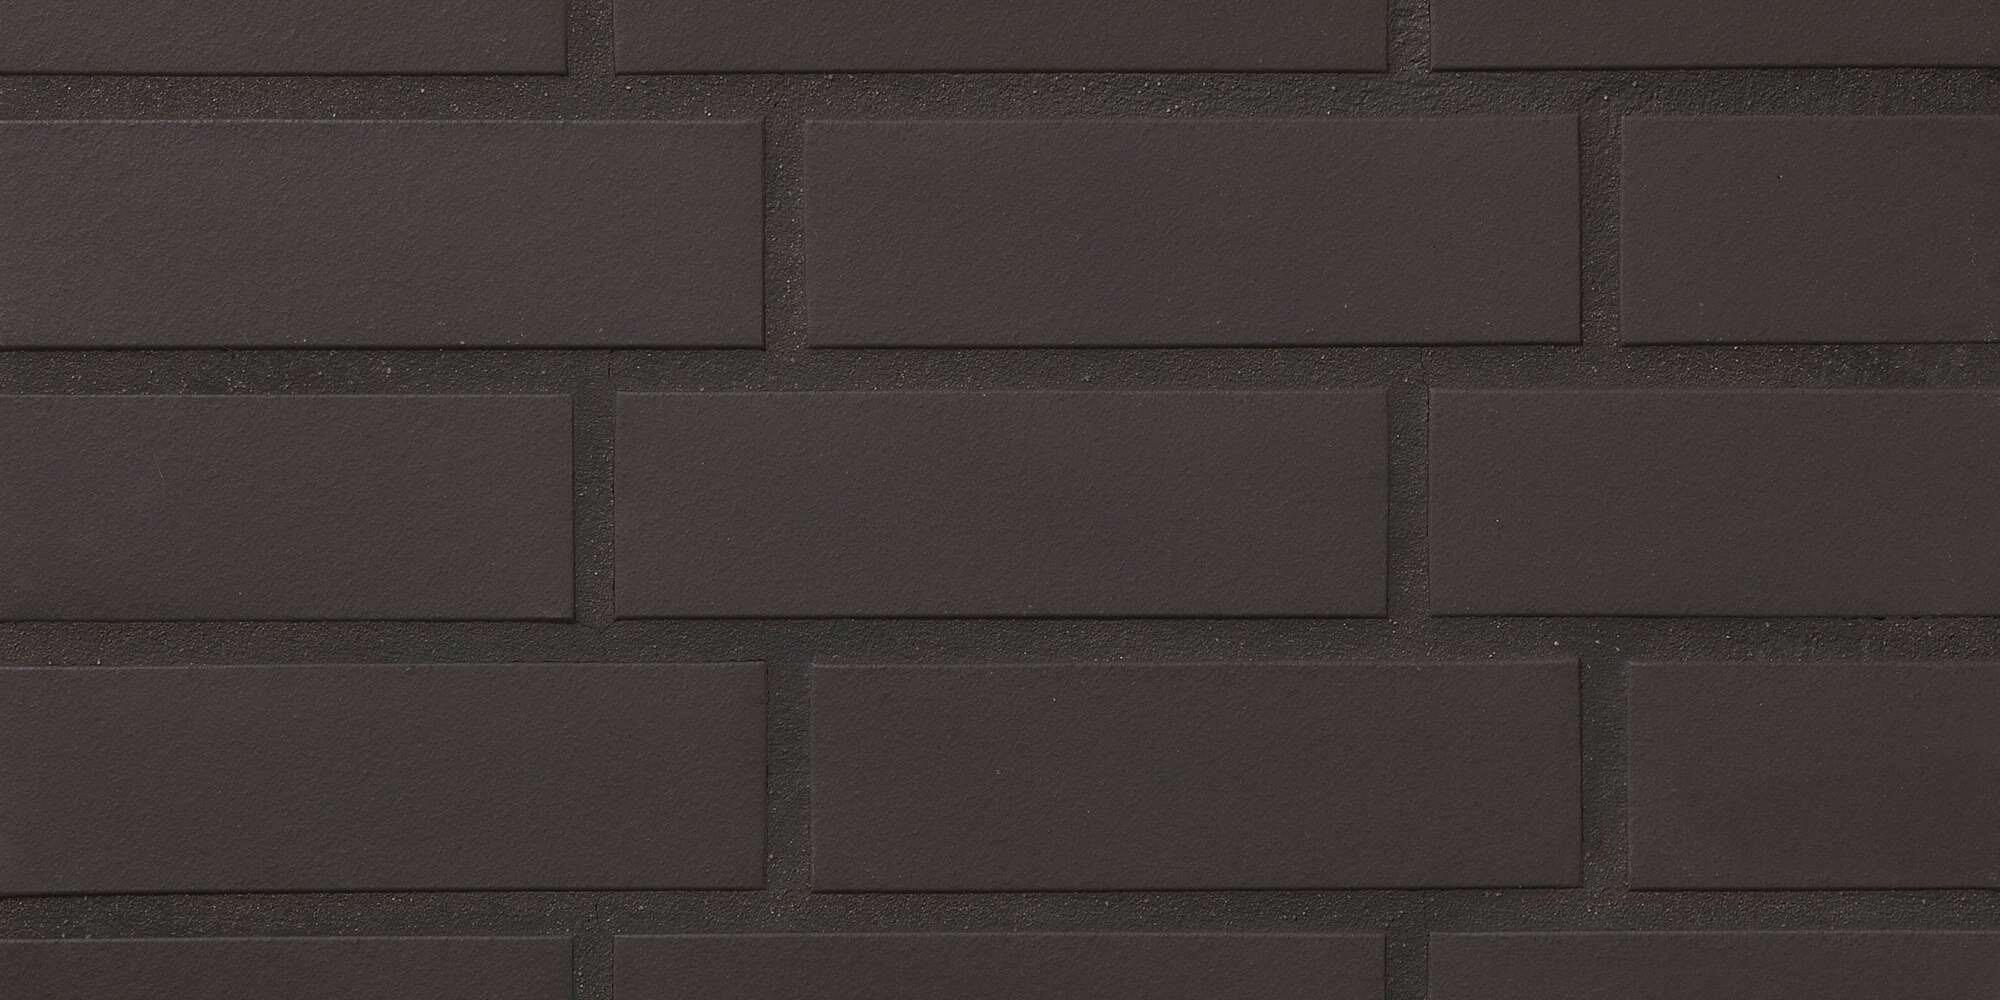 Stroeher, облицовочная клинкерная плитка, цвет 330 graphit, серия Keravette, unglasiert, неглазурованная, гладкая, 240x71x11